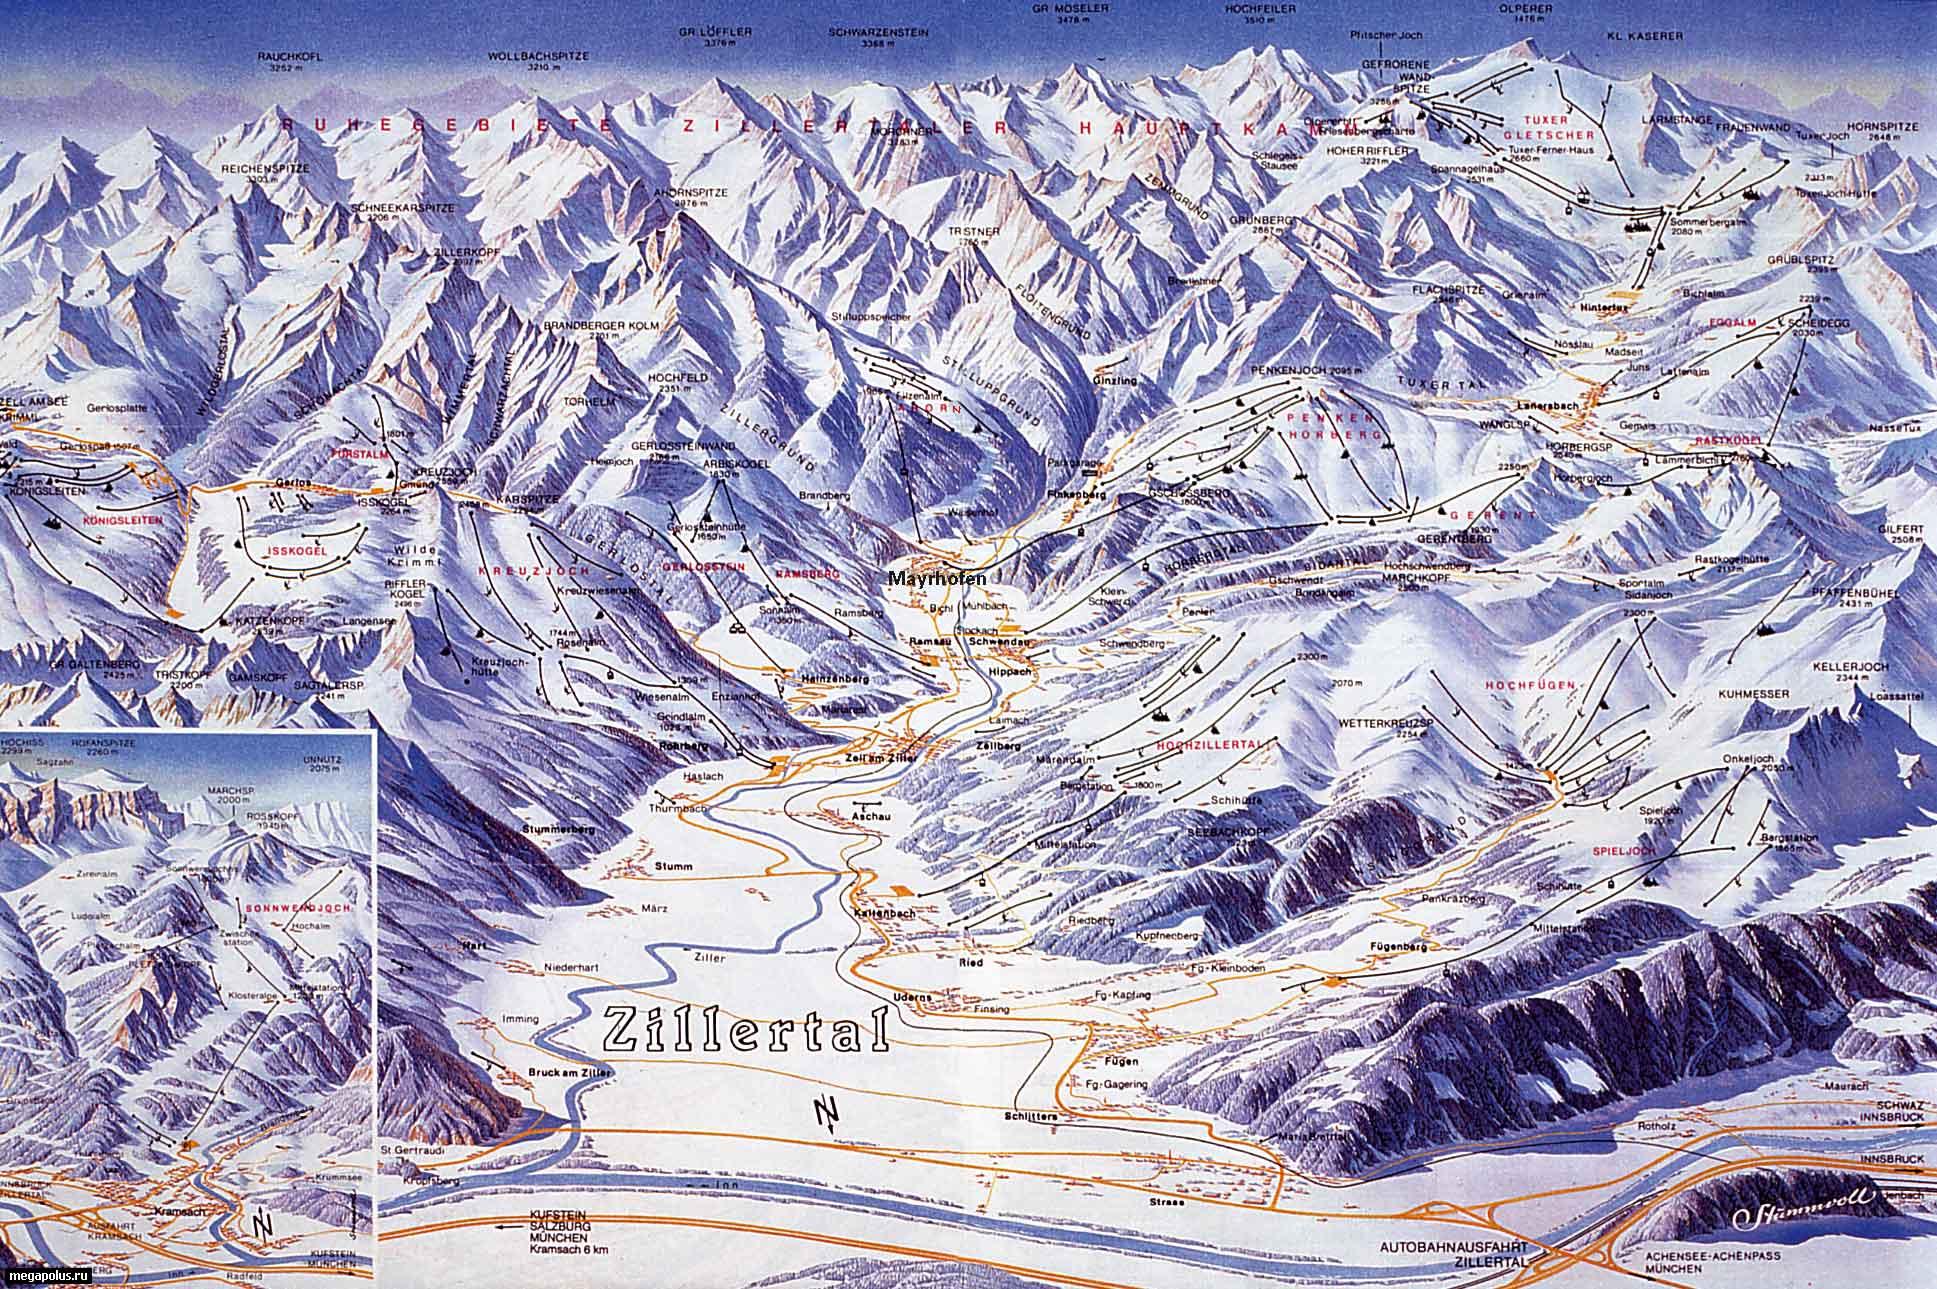 Схема региона катания долины Циллерталь.